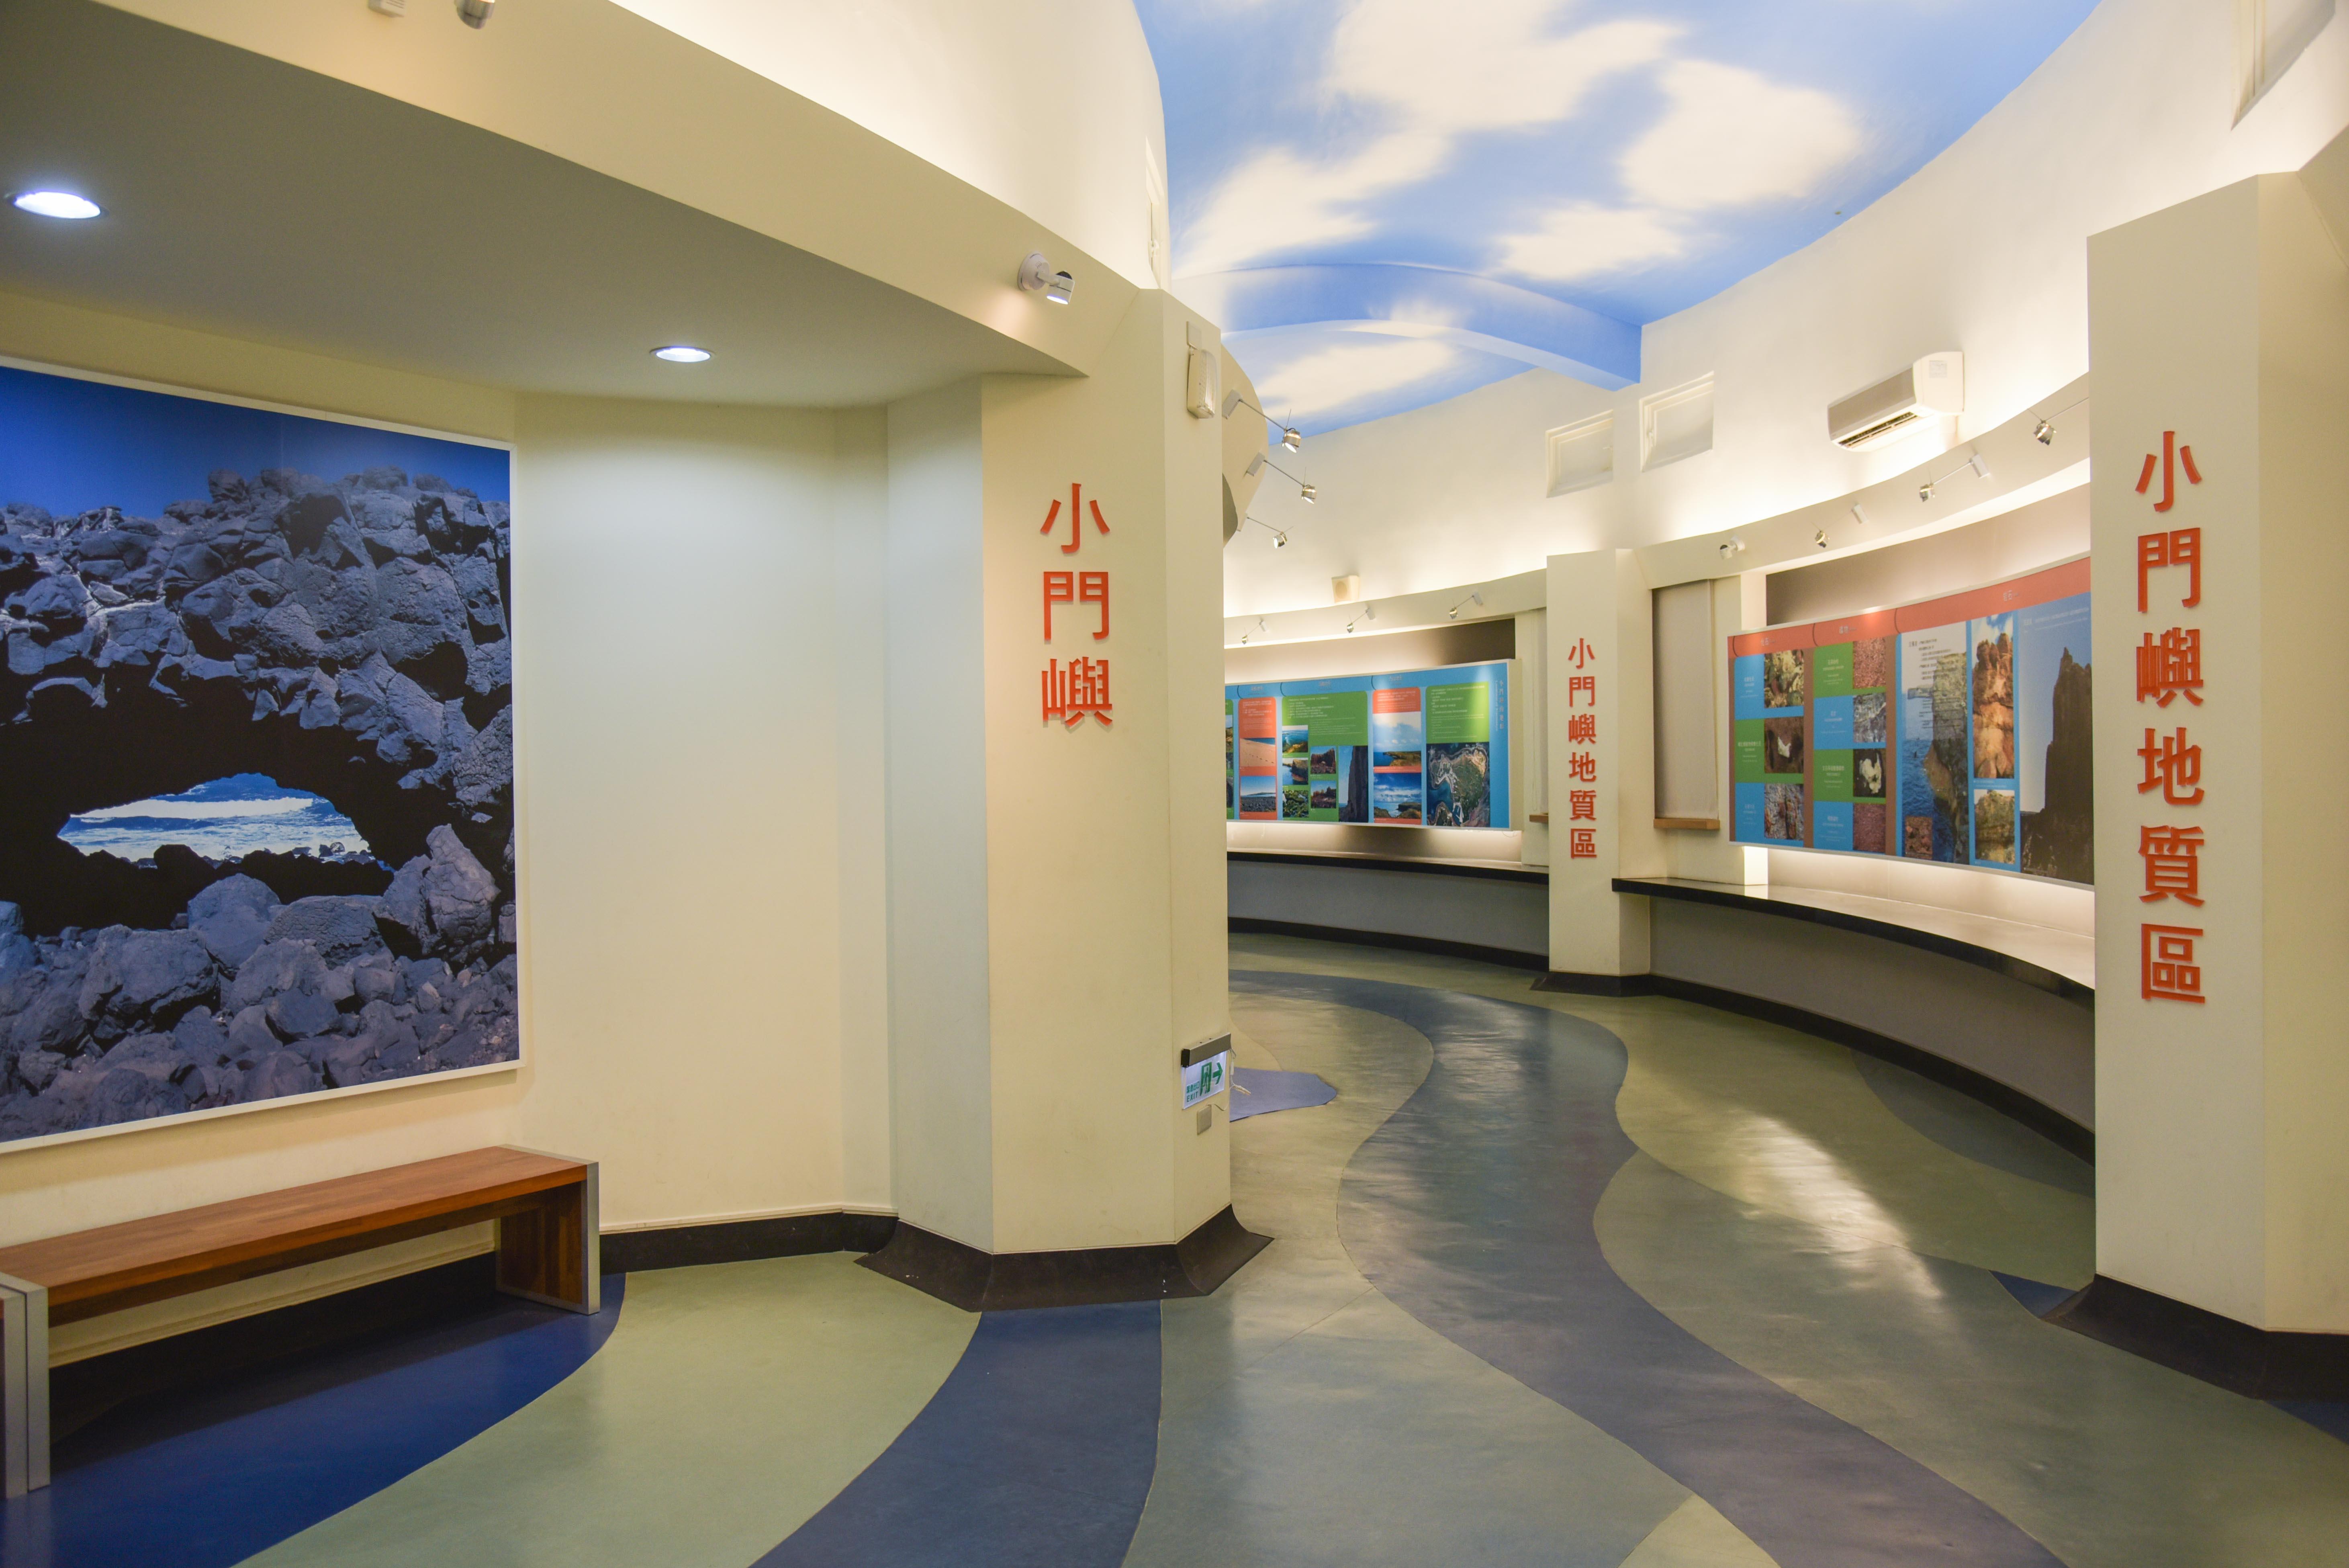 小門地質館の展示エリア